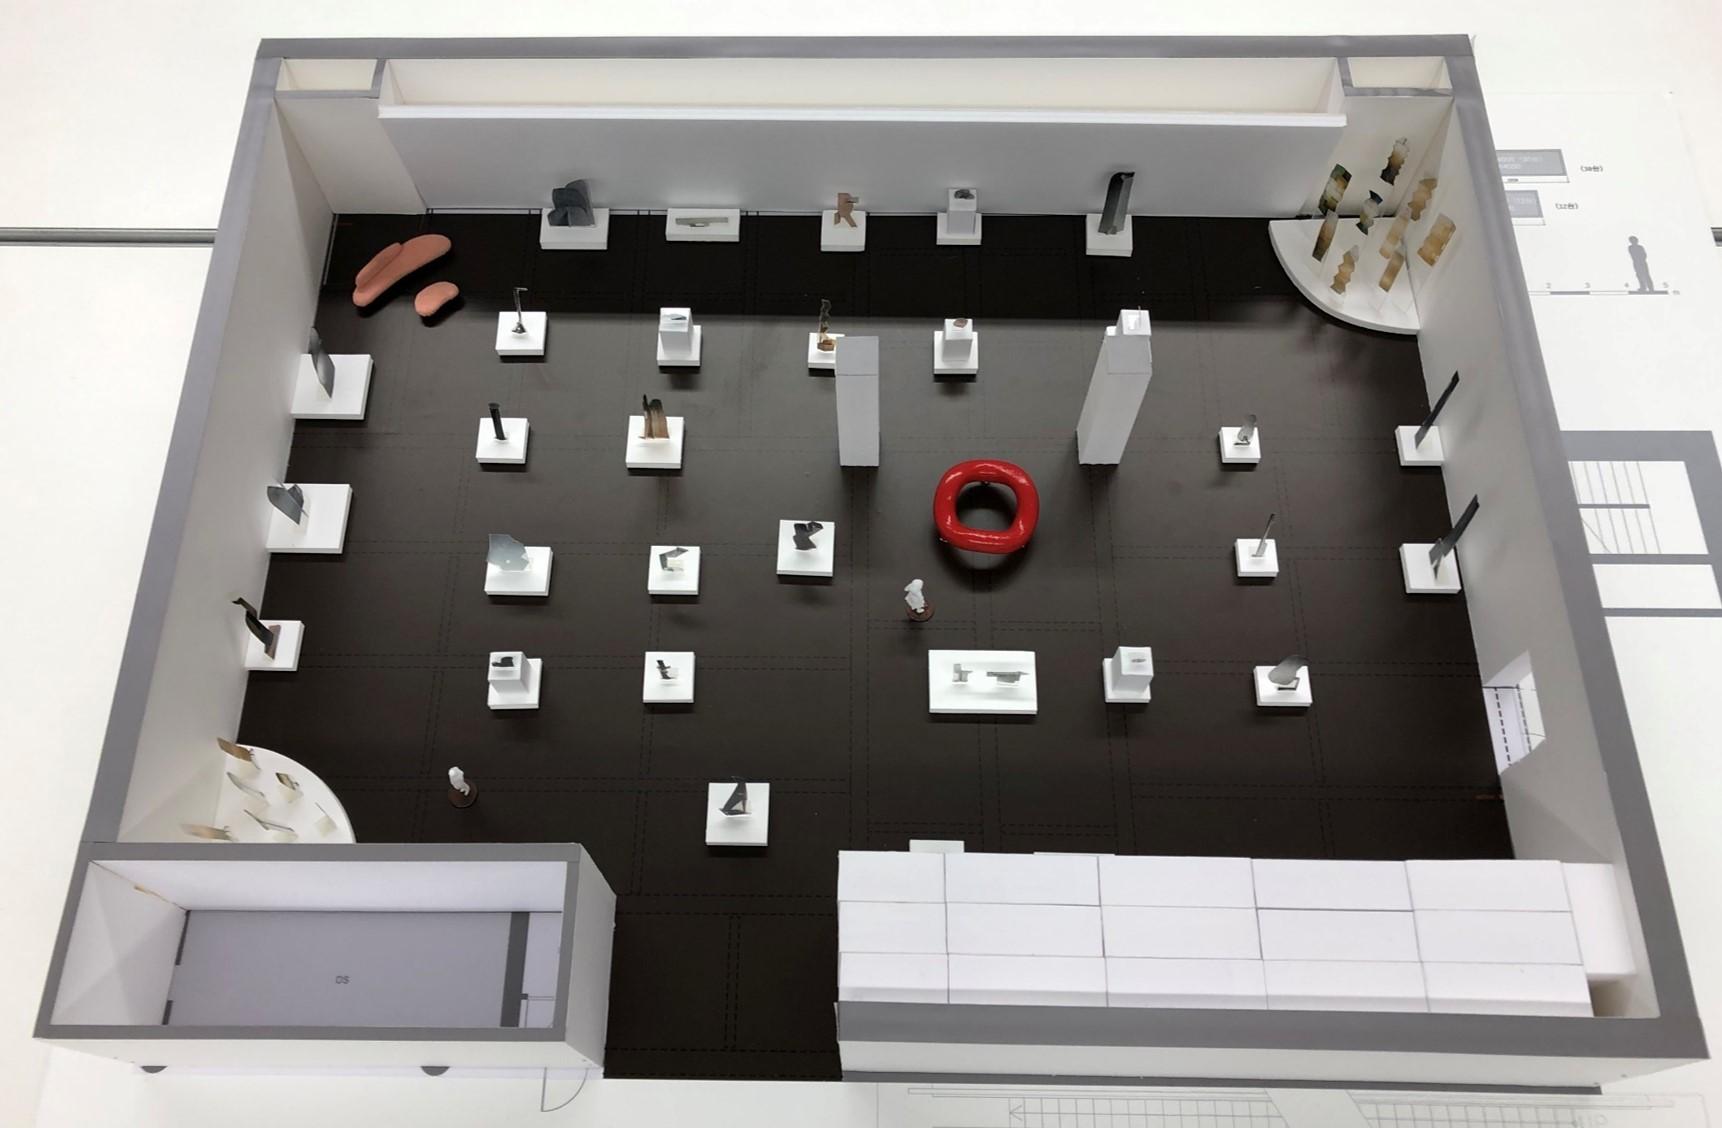 「イサム・ノグチ 発見の道」展示イメージ(模型)